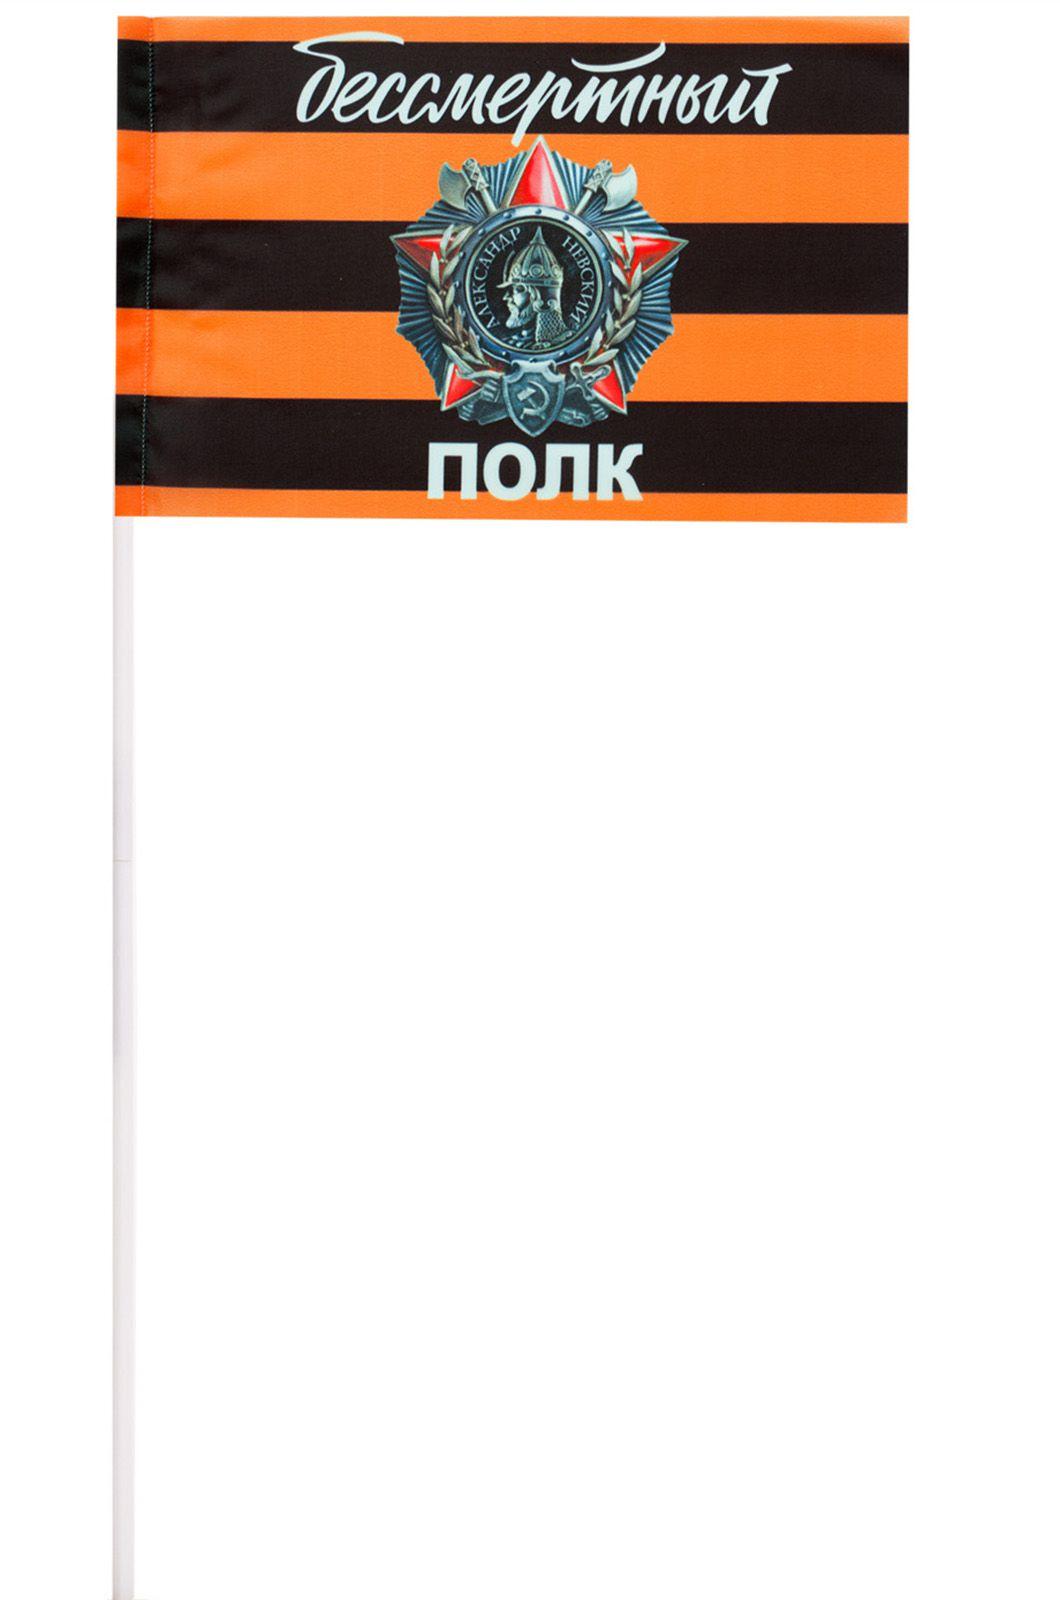 Флажок с орденом Александра Невского